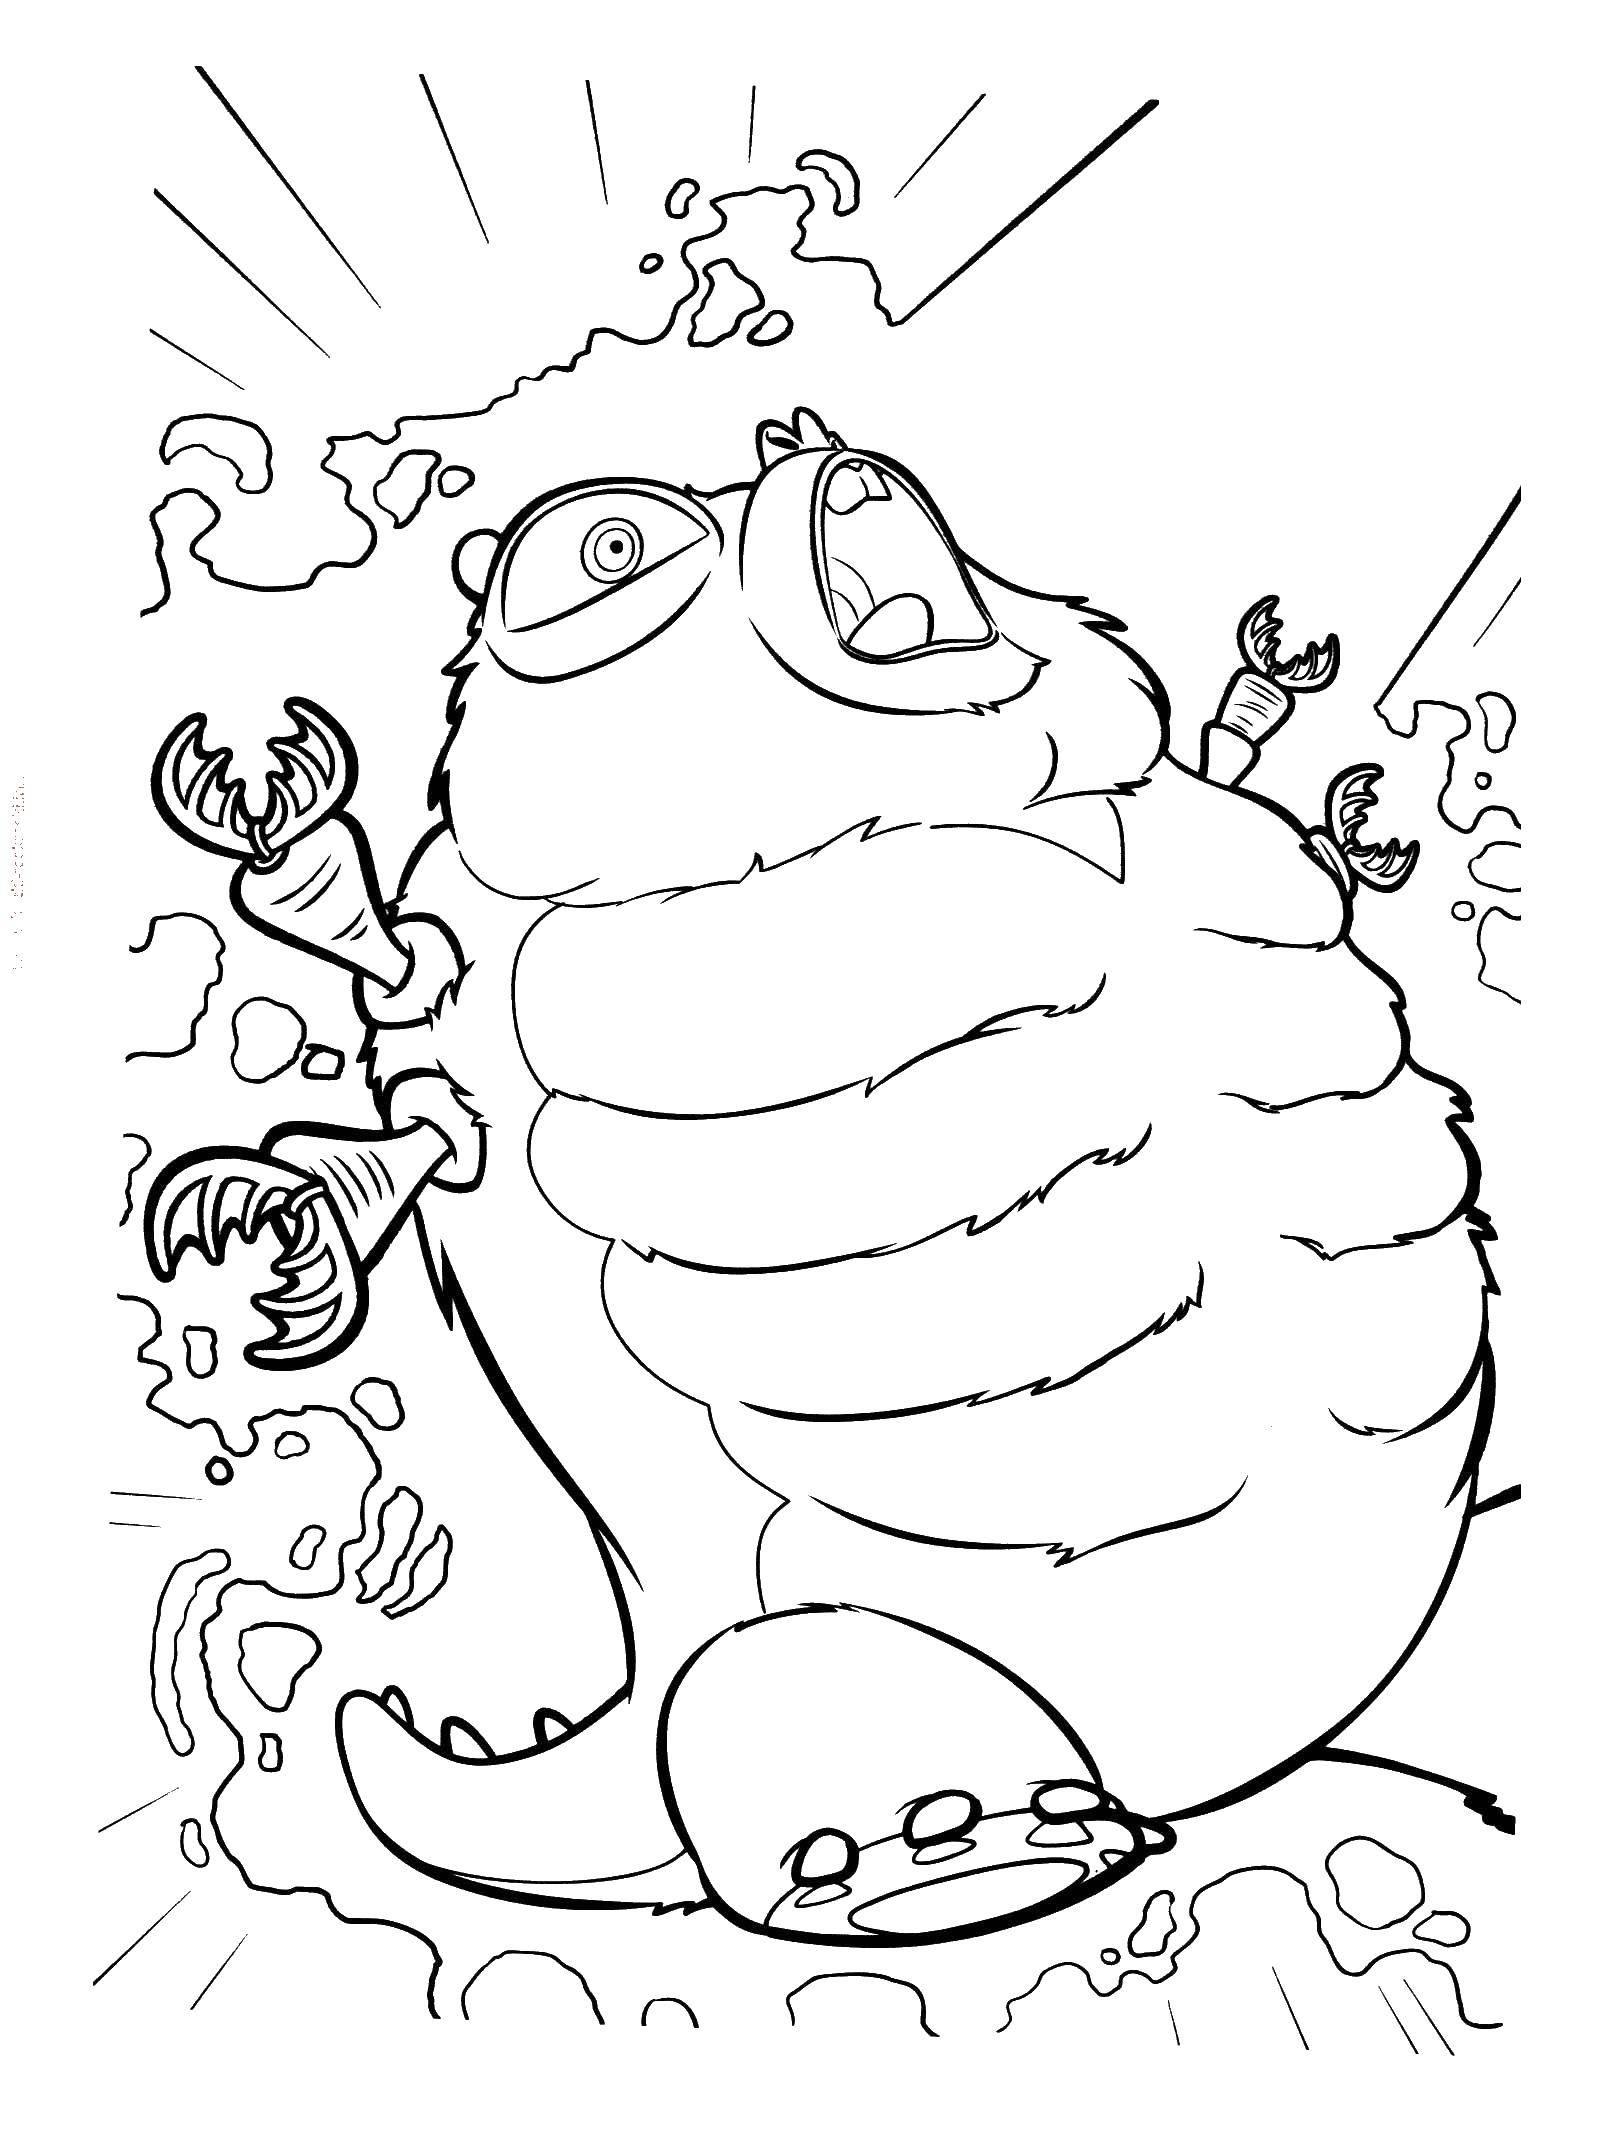 Раскраска Ядерная радиация превратила гусеницу в стометрового монстра Скачать Монстры, Пришельцы, гусеница.  Распечатать ,Монстры против Пришельцев,